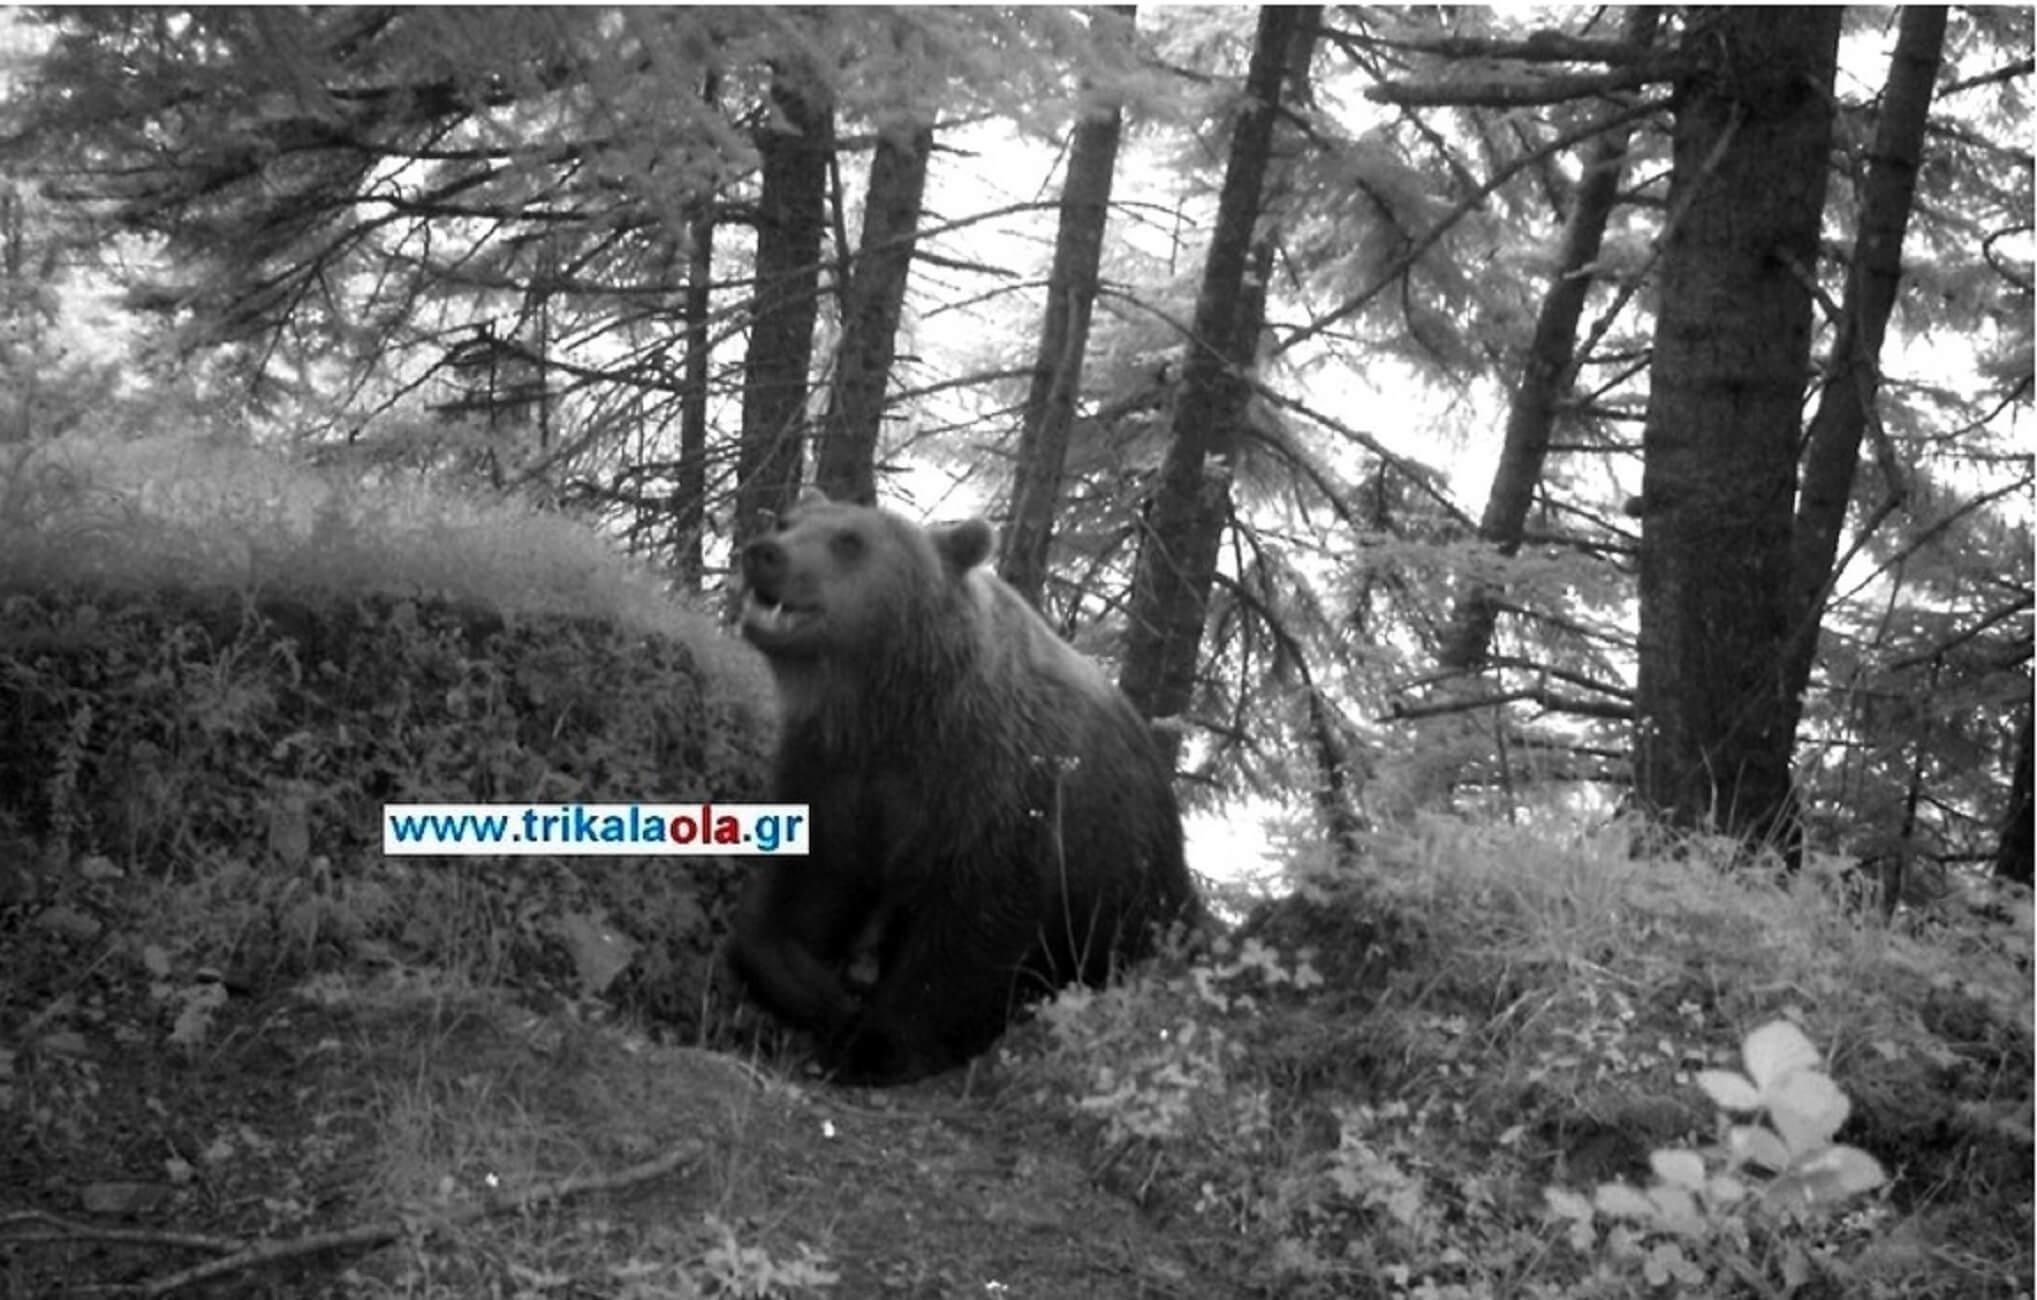 Πρωινή… λιγούρα! Αρκούδα επισκέφτηκε μελίσσια στα Τρίκαλα [pic]